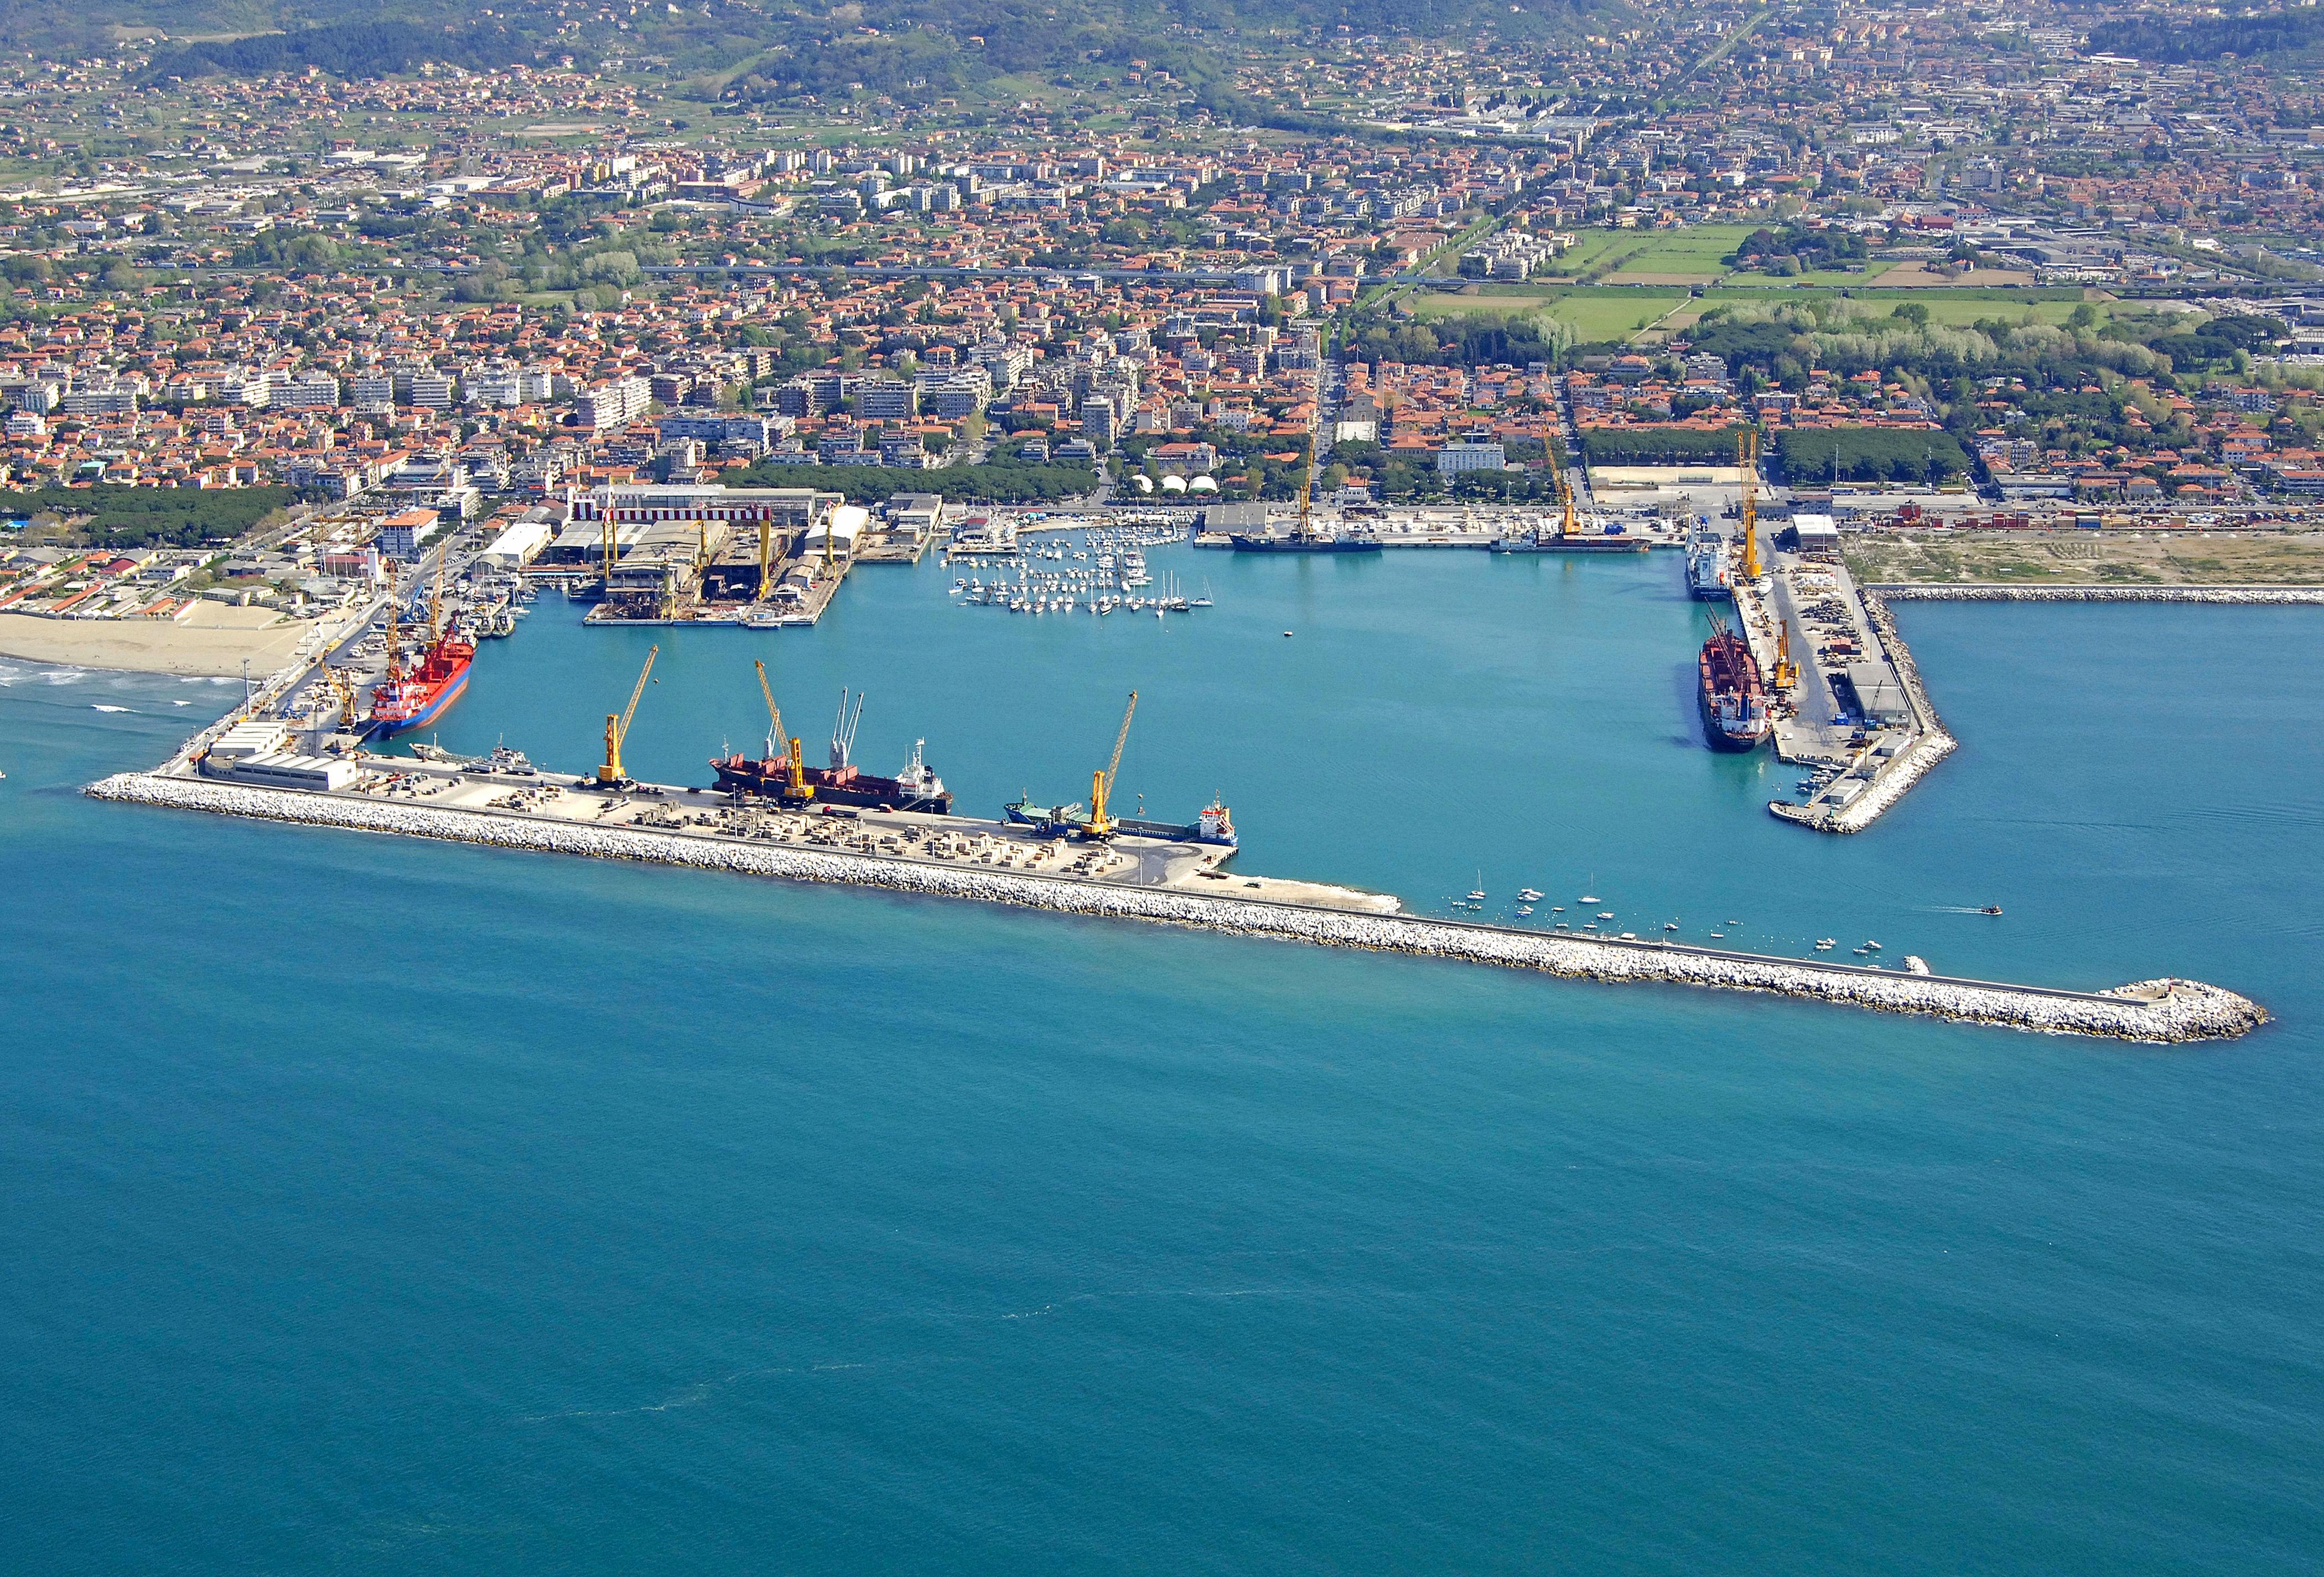 Marina Di Carrara in Italy Marina Reviews Phone Number Marinascom